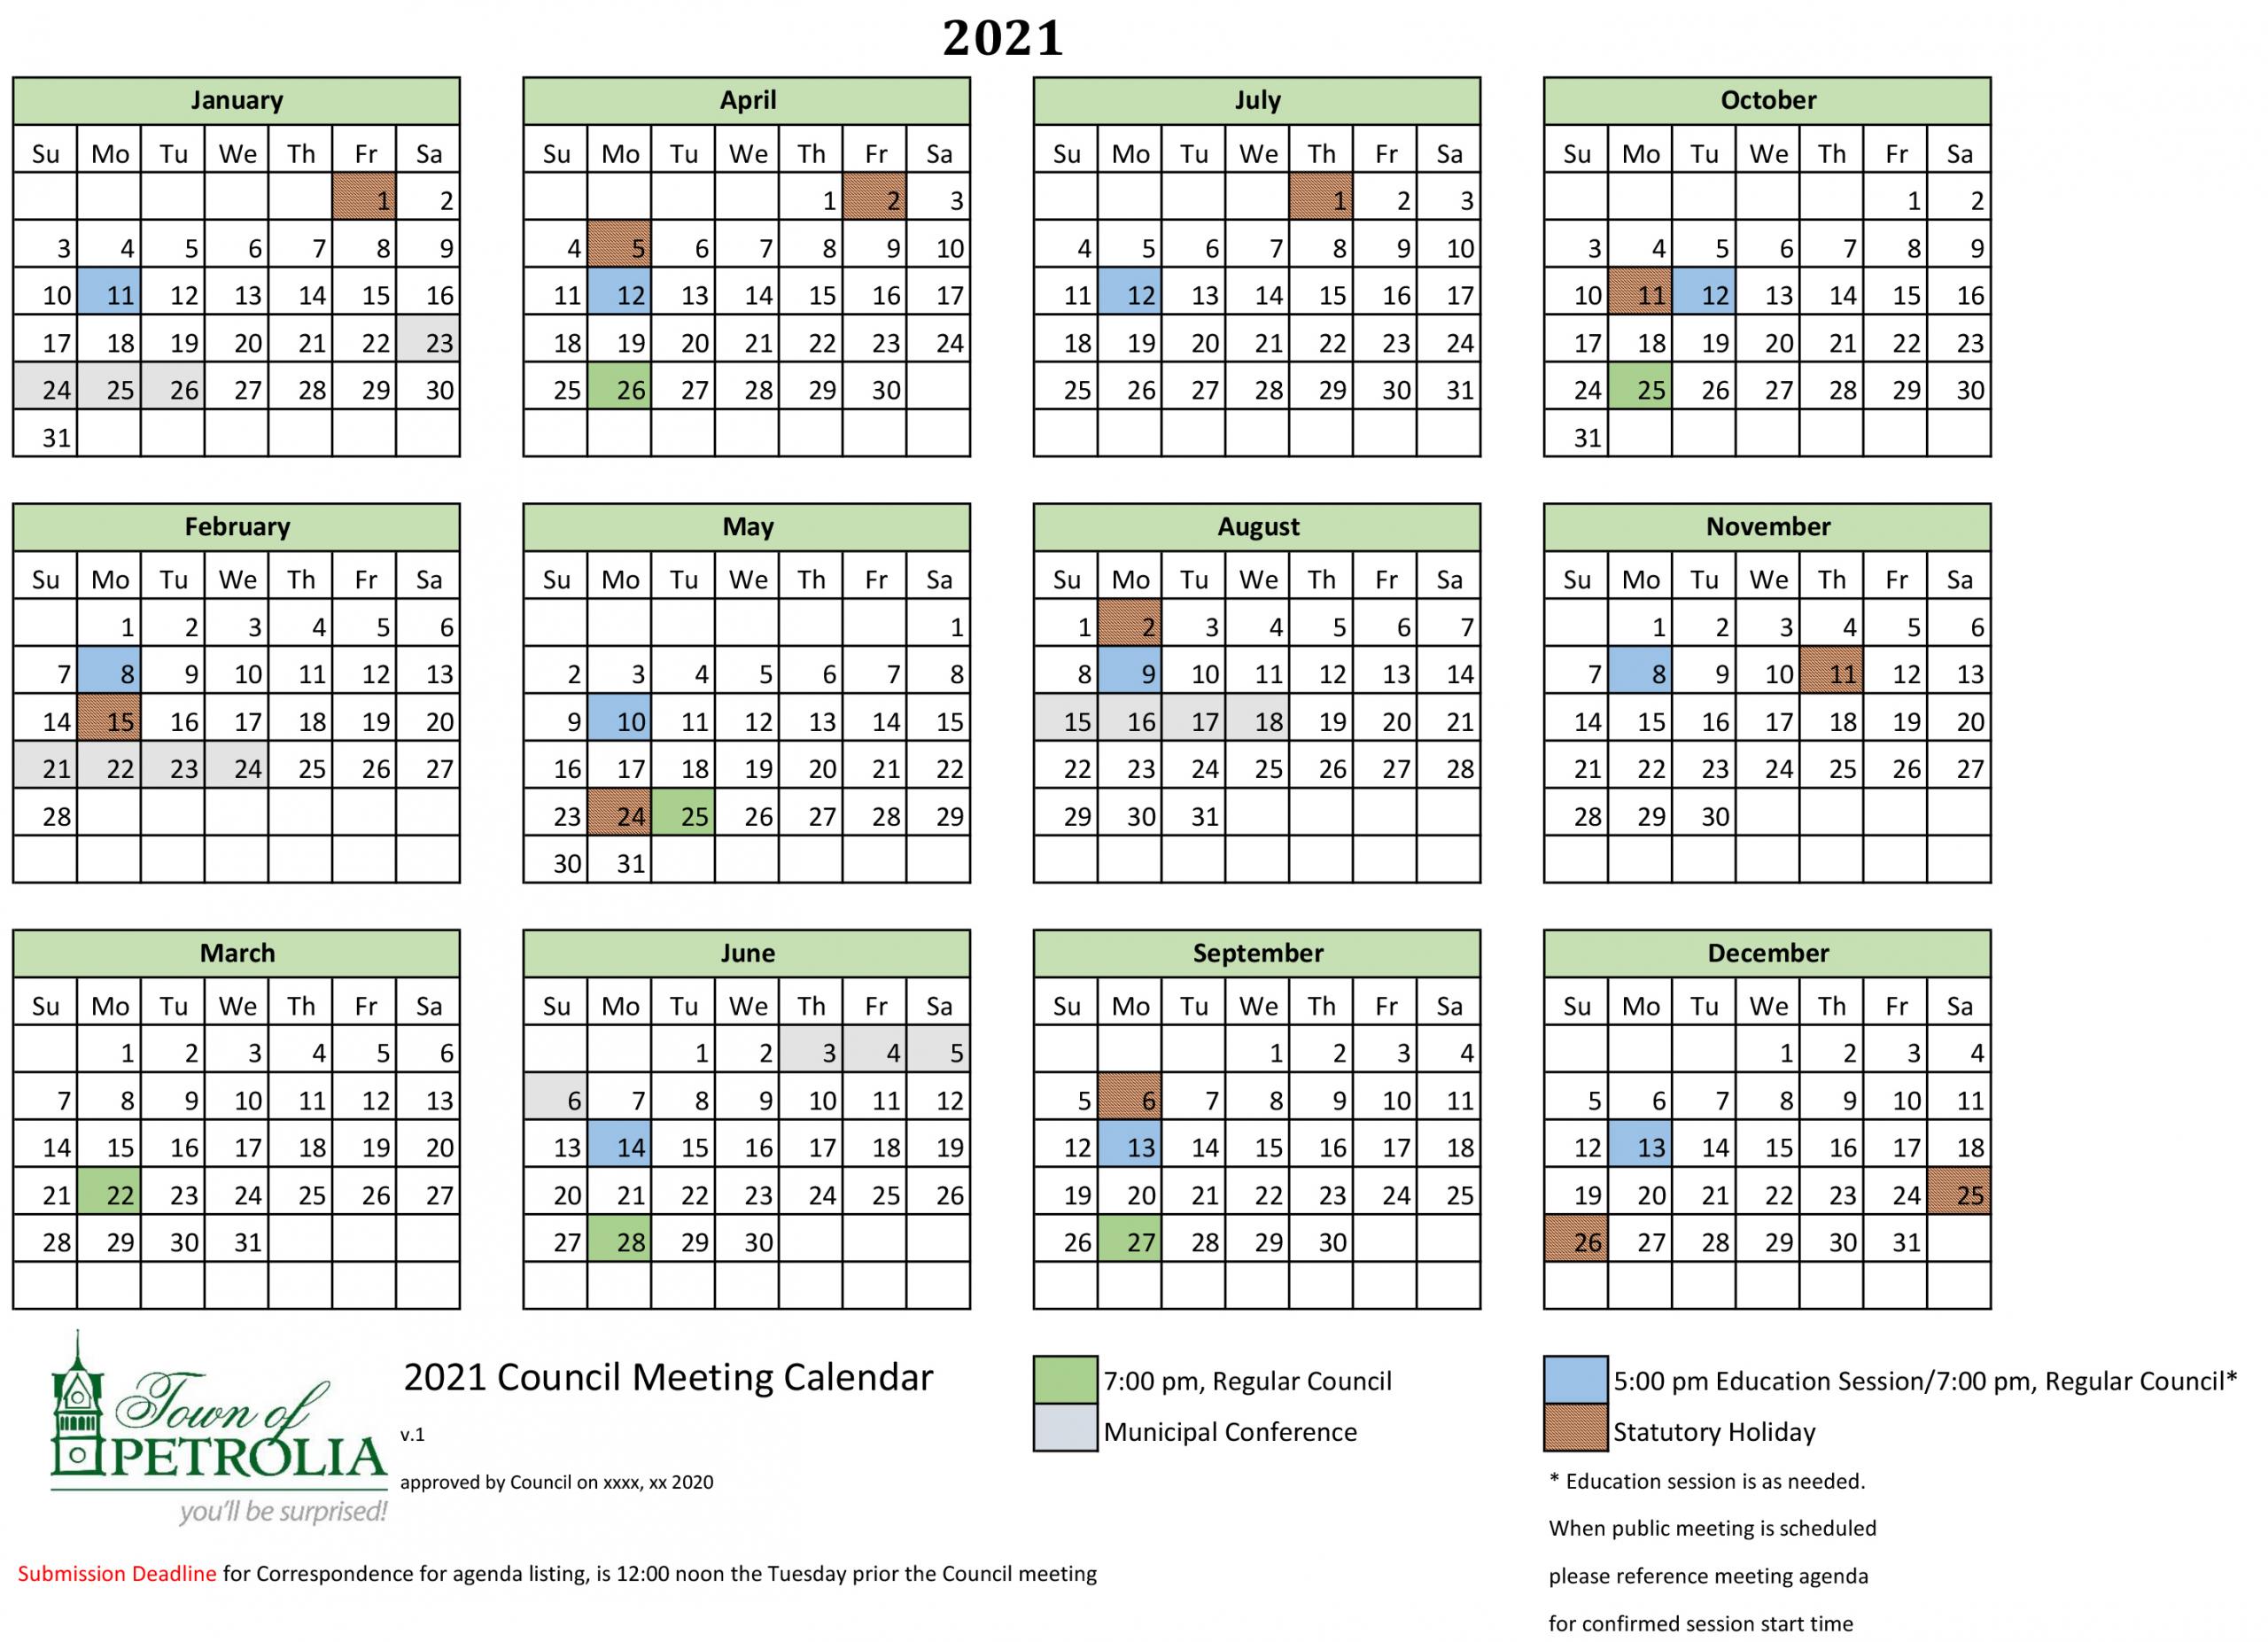 2021 Council Calendar